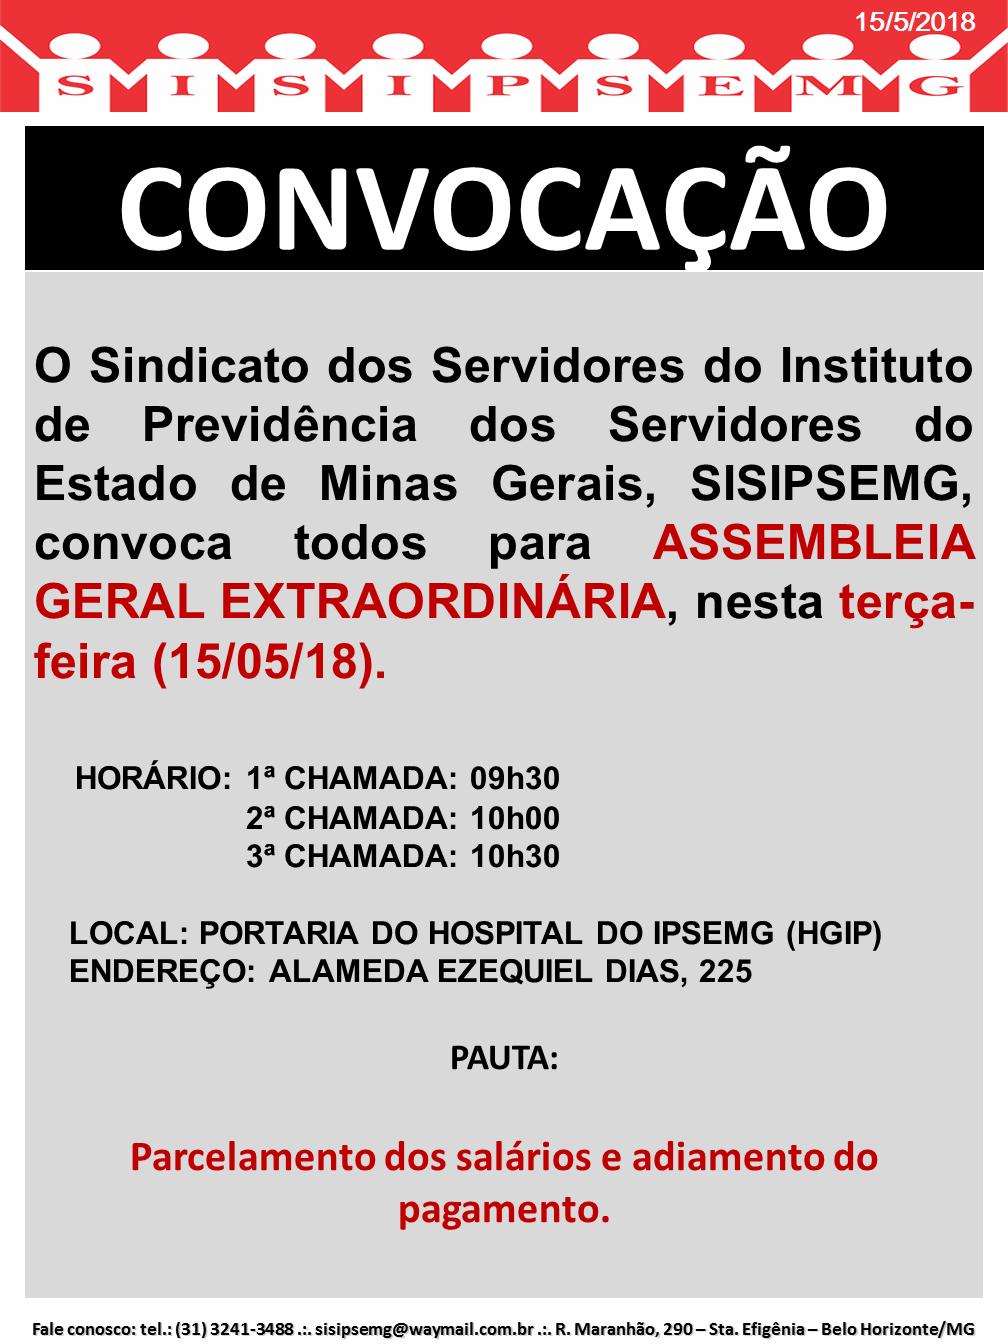 Convocação Assembleia Geral 15052018